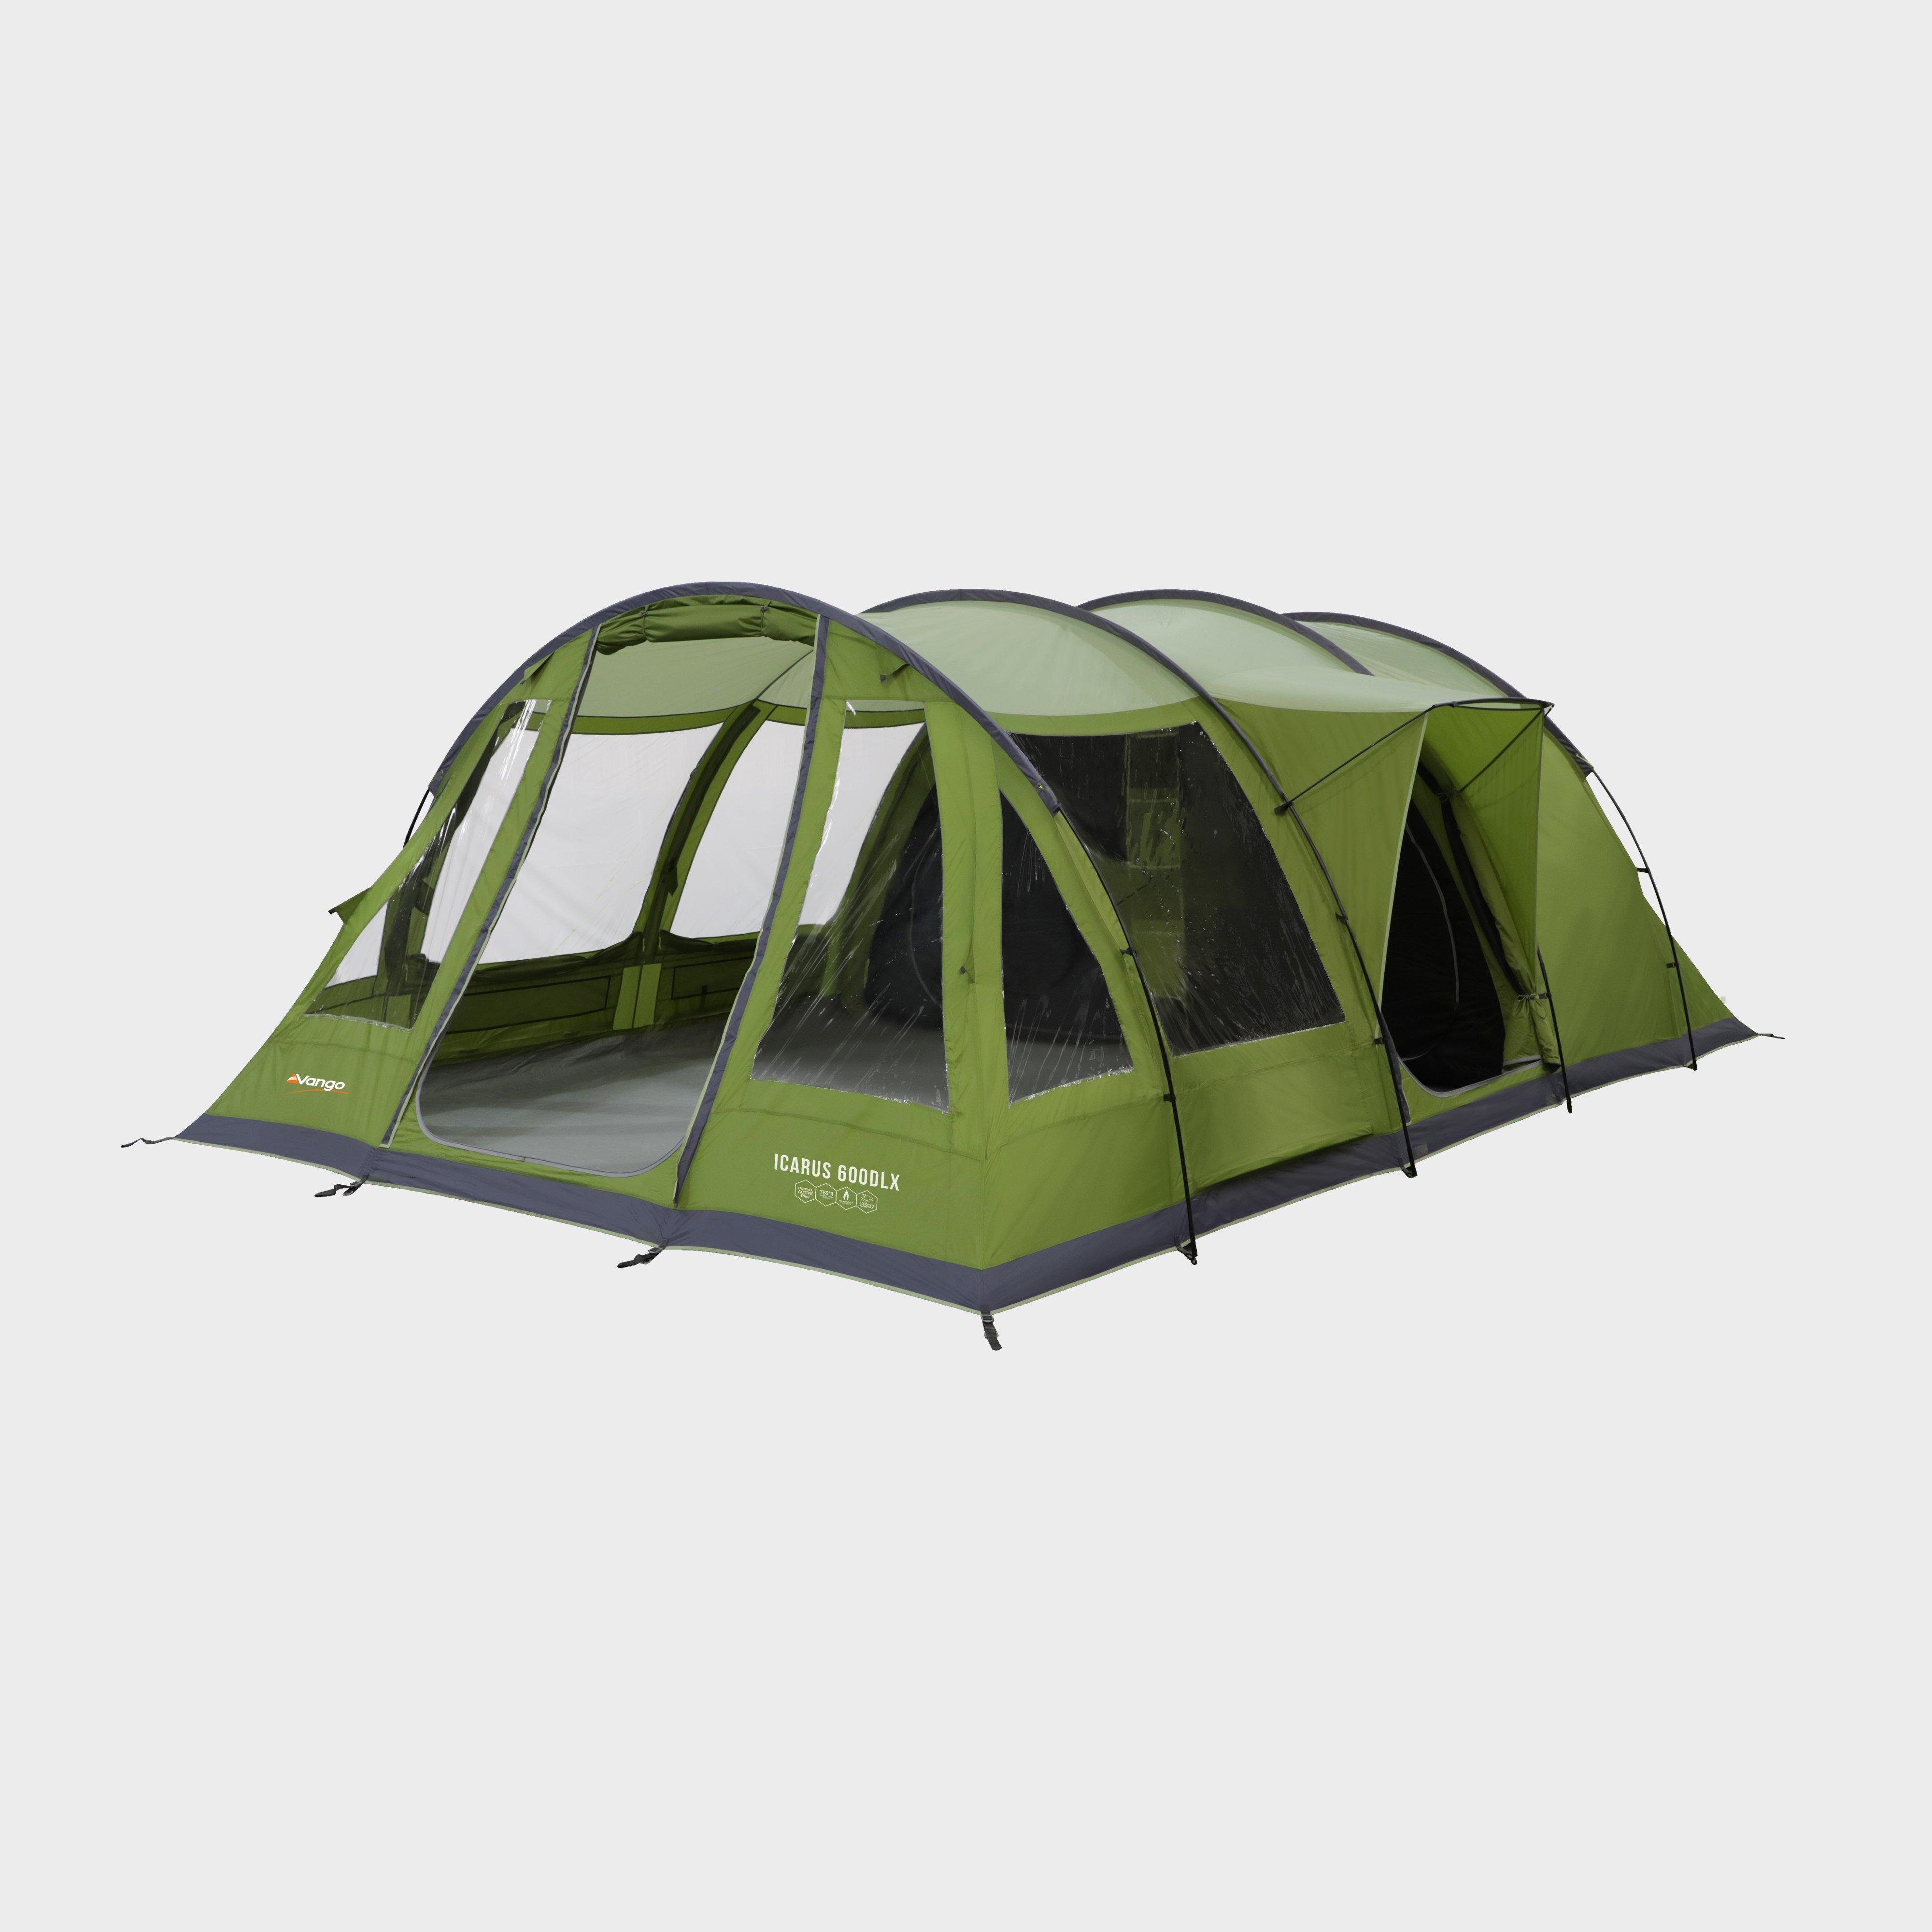 Vango Icarus 600DXL Tent, NO/NO